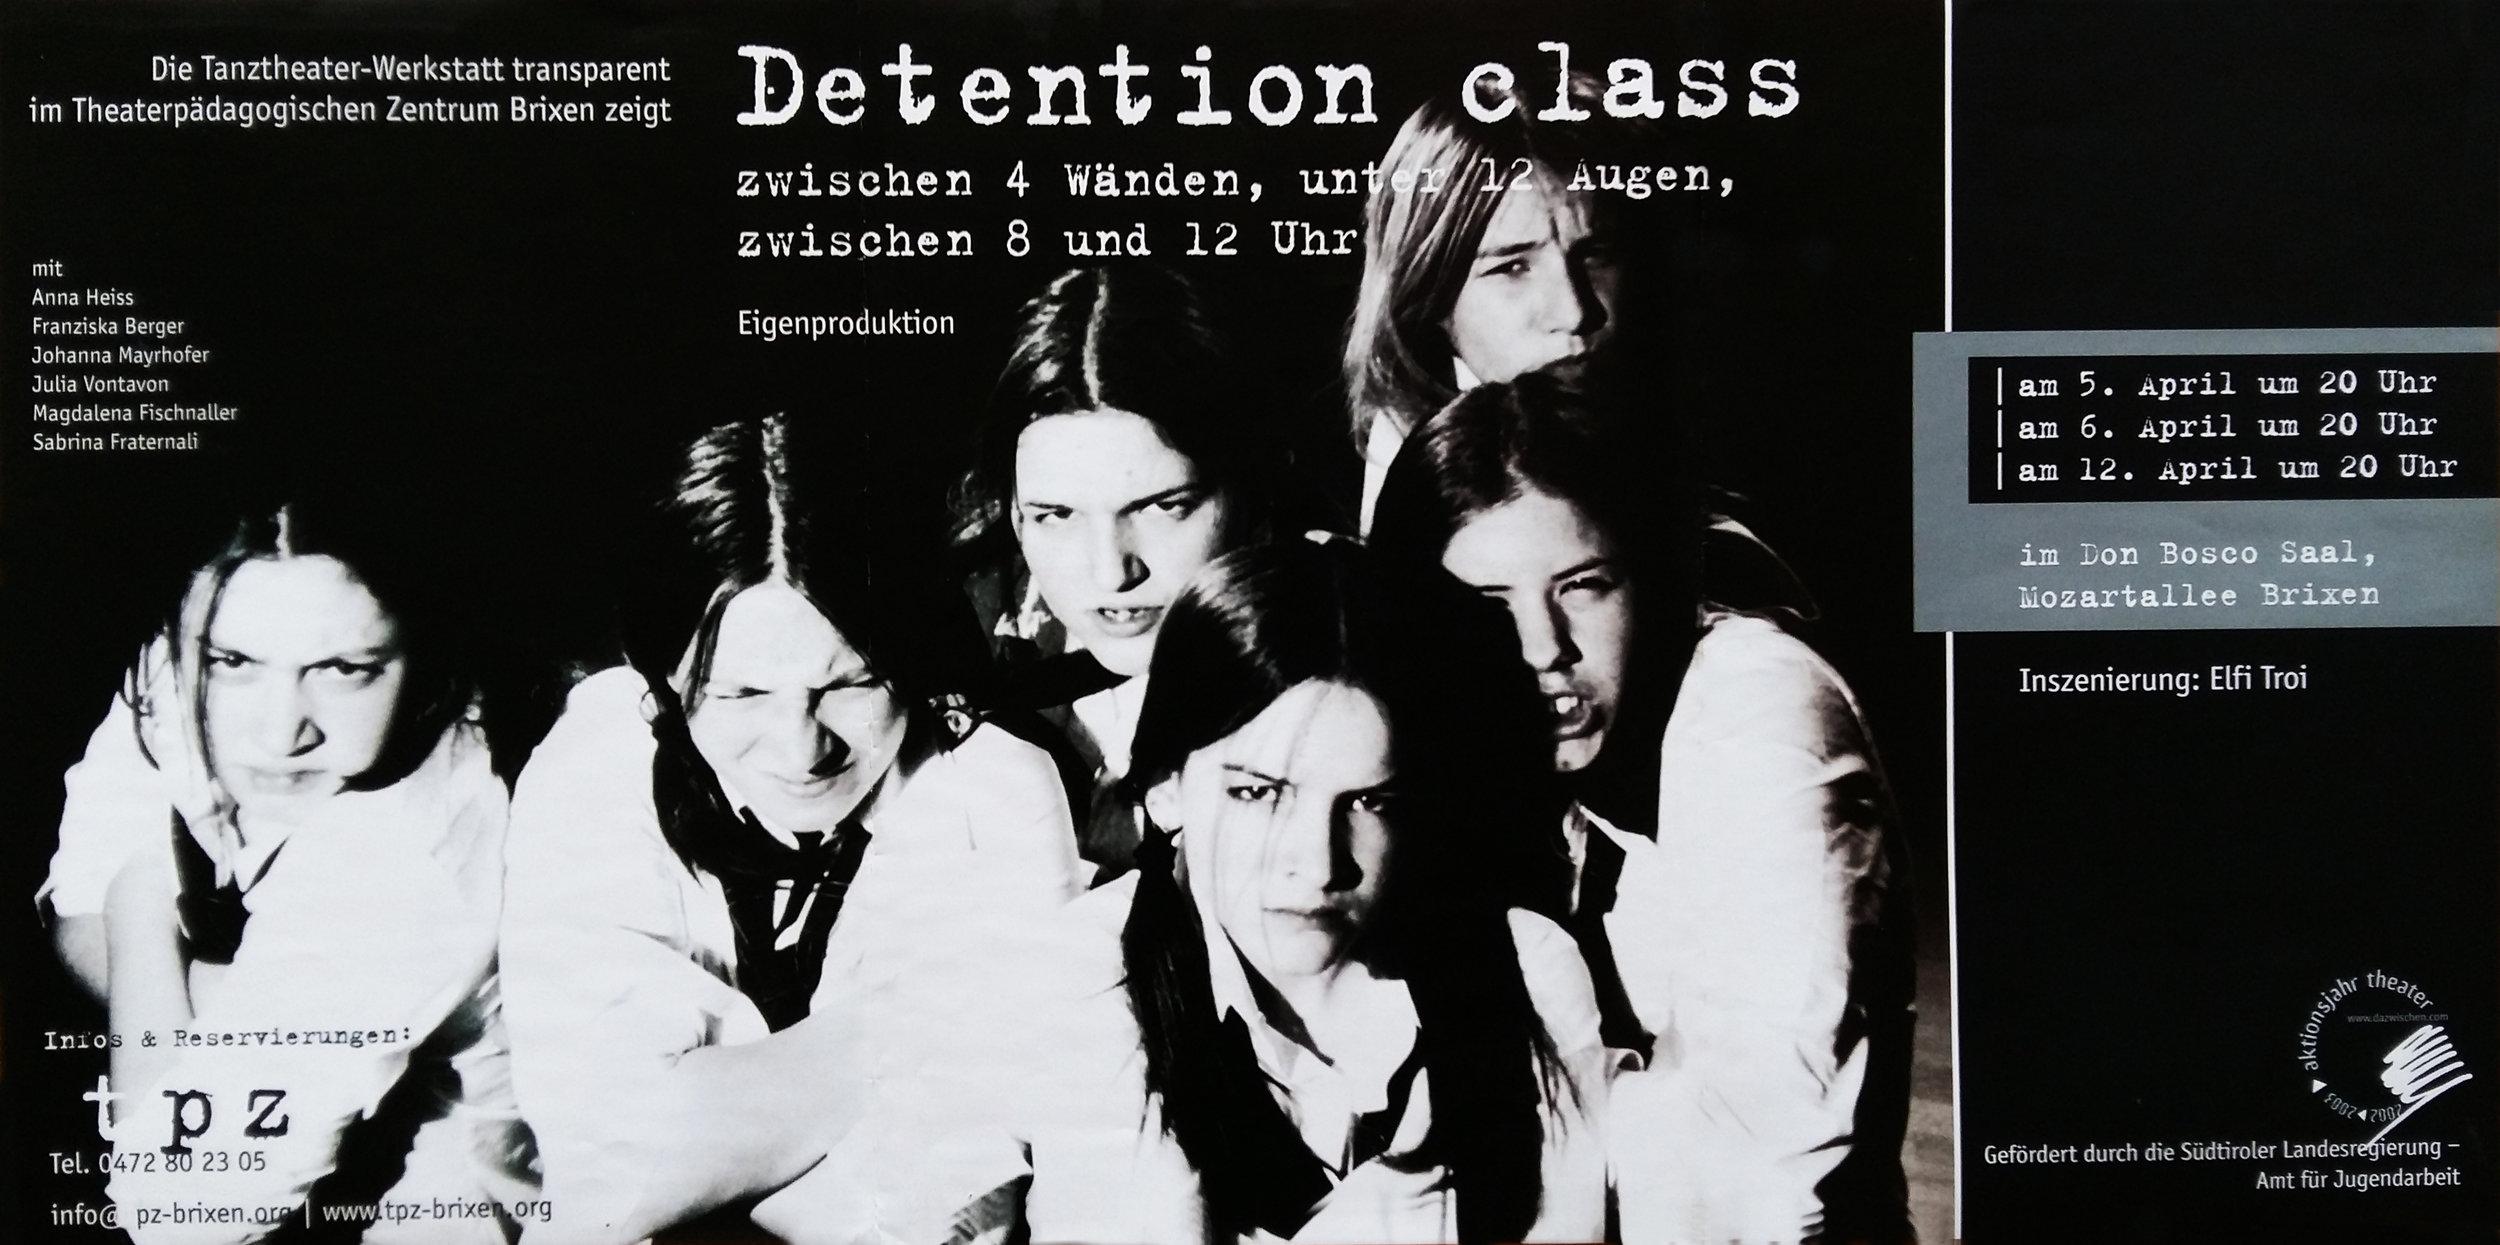 2003 transparent detention class Plakat.jpg